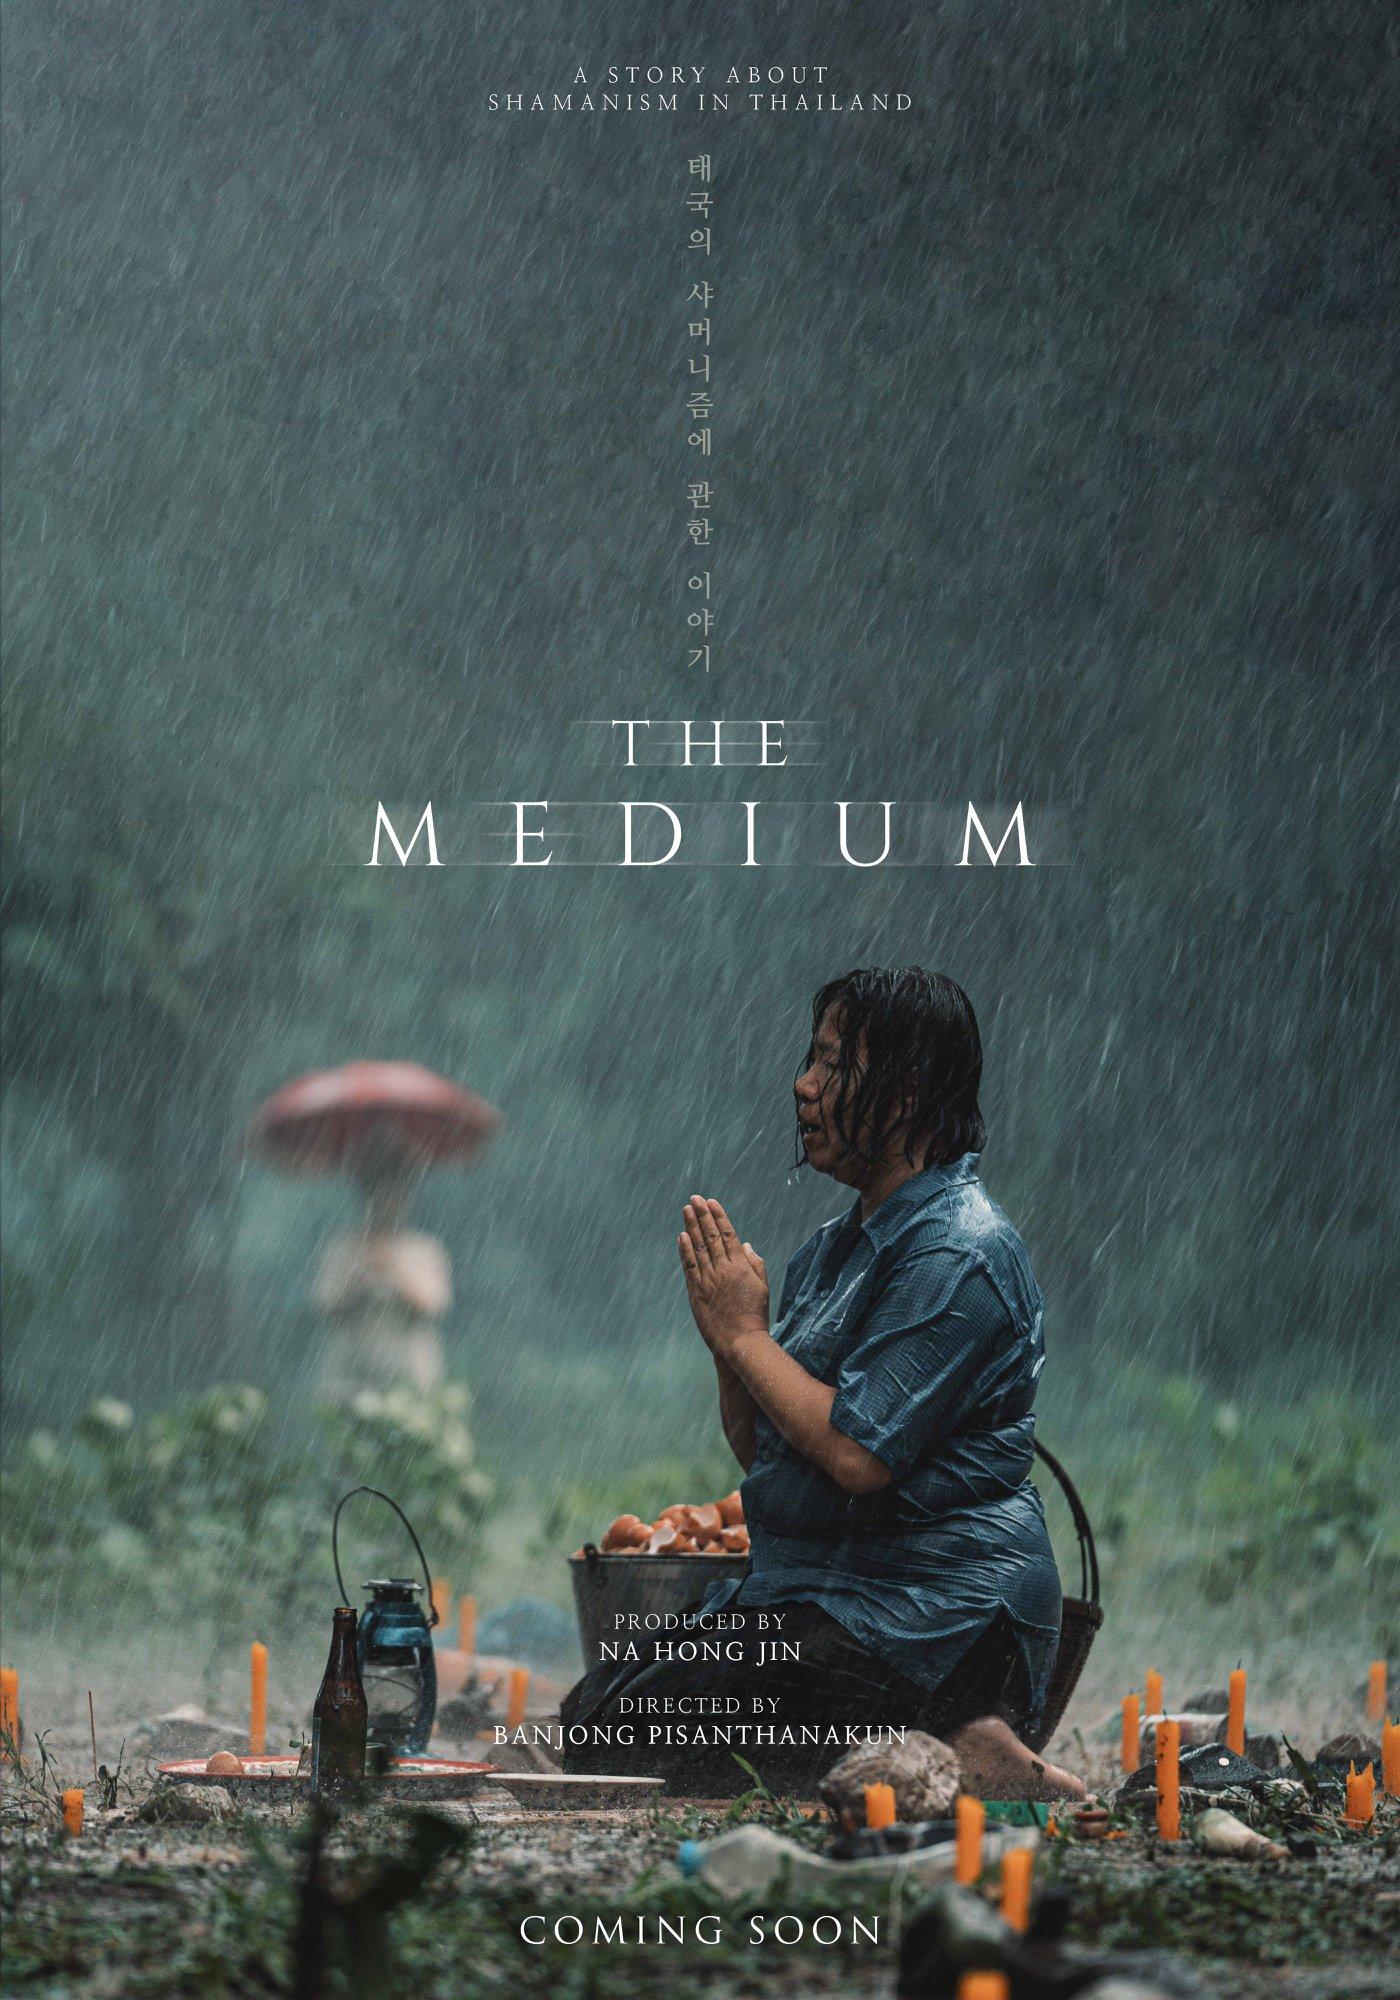 ดูหนังออนไลน์ฟรี The Medium | ร่างทรง (2021)